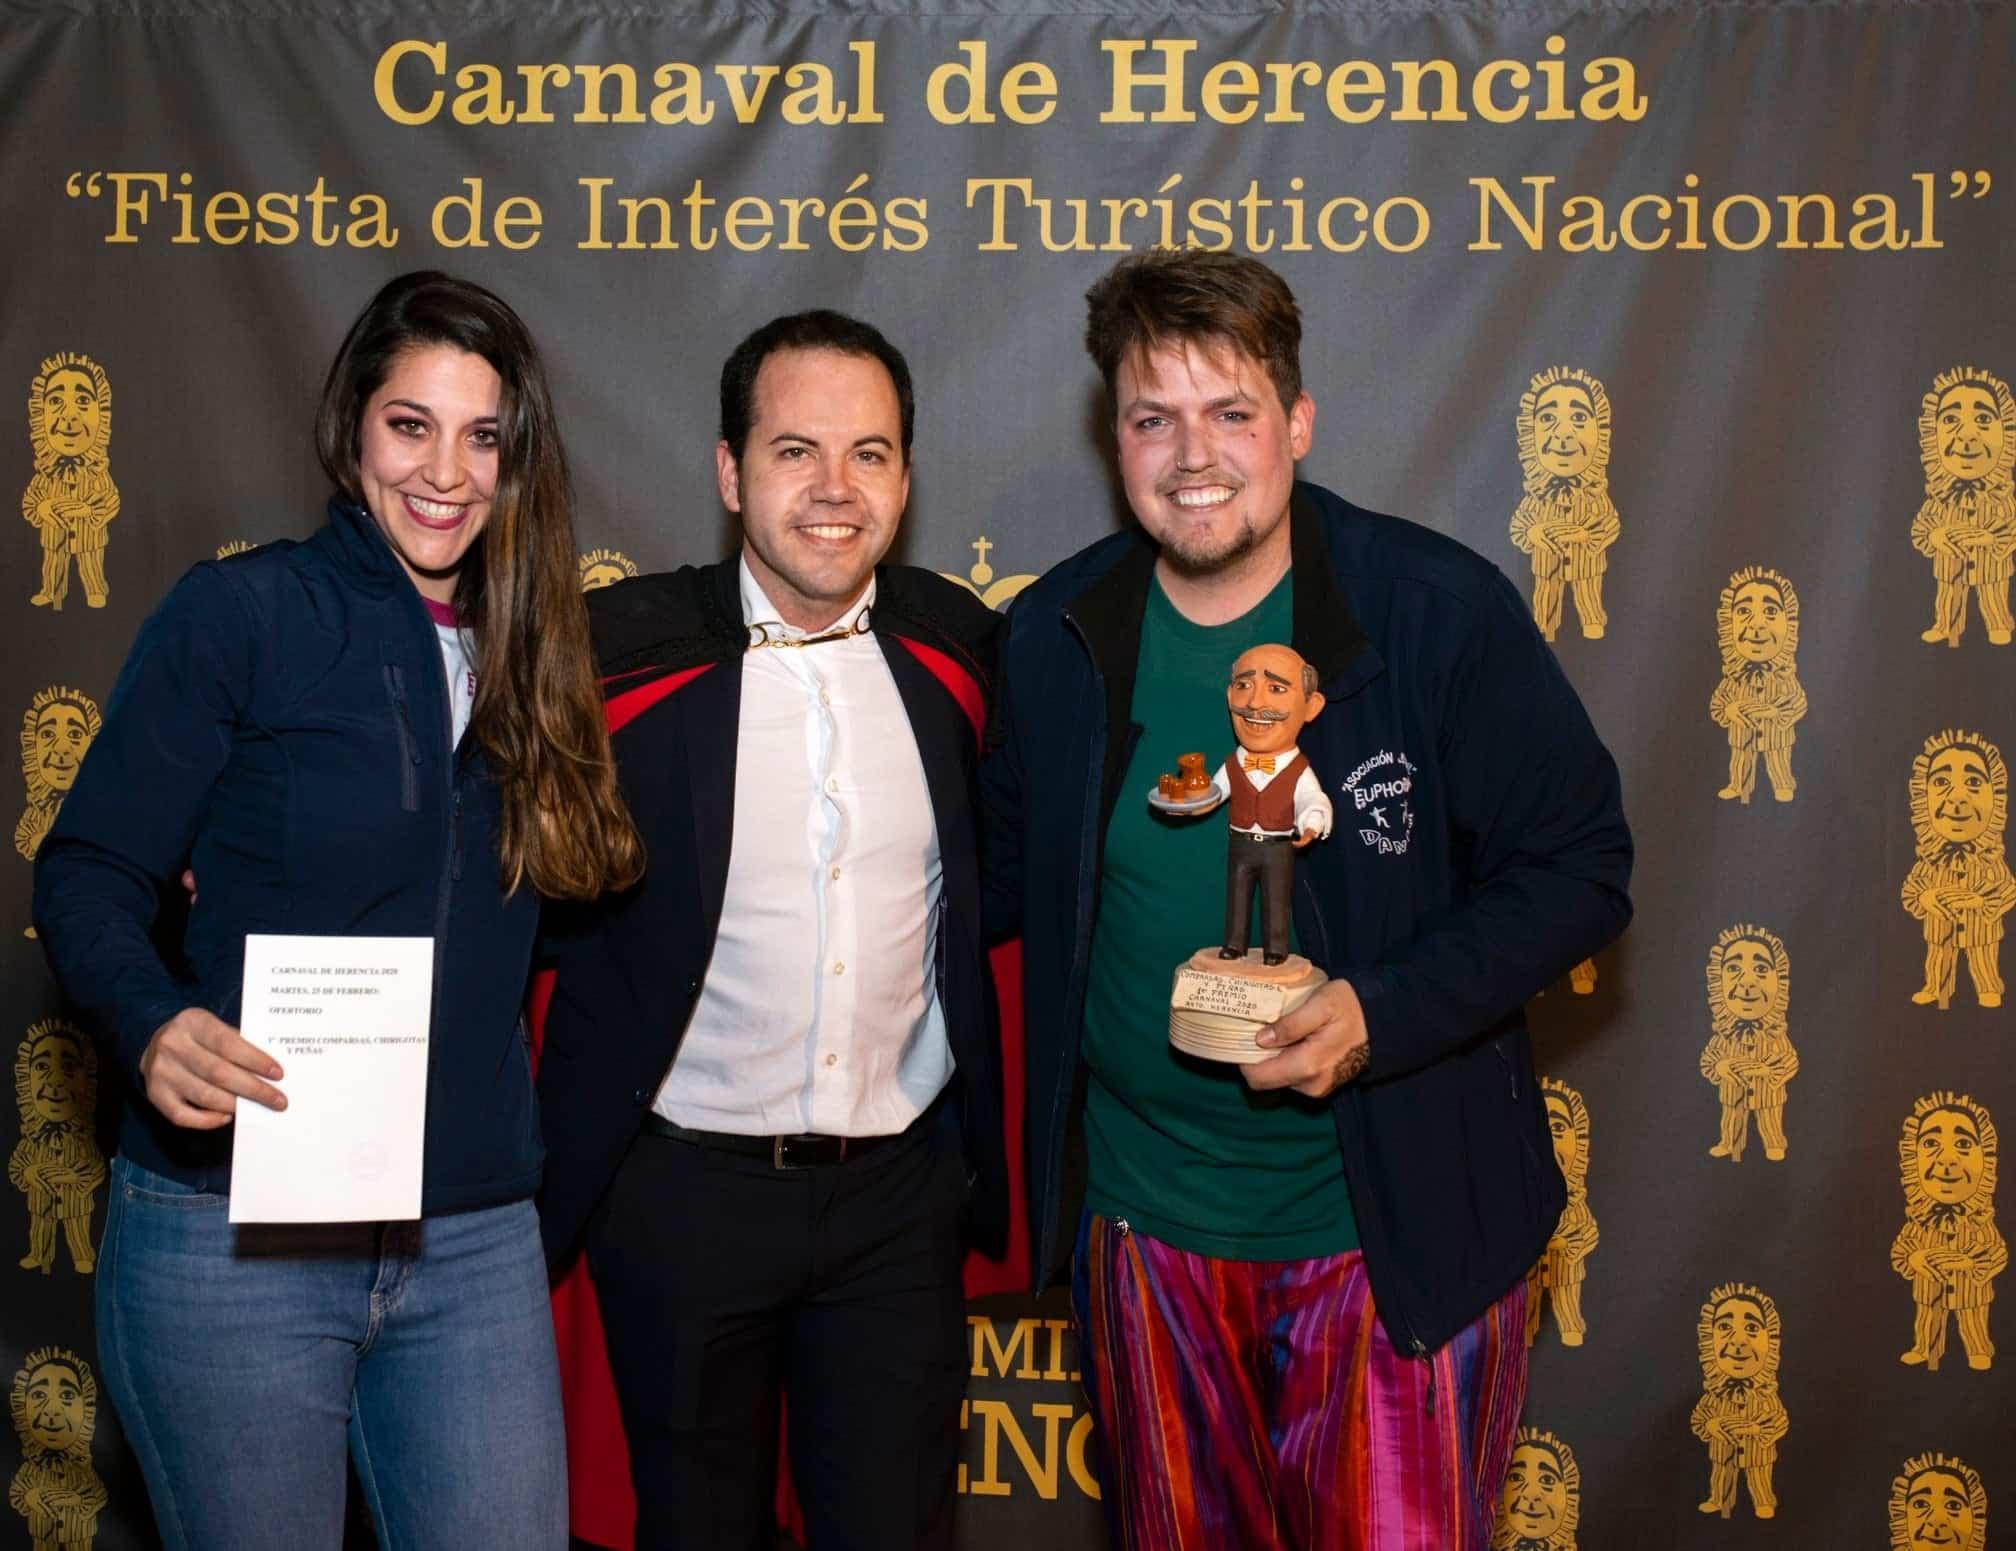 Selección de fotografías del Ofertorio del Carnaval de Herencia 446